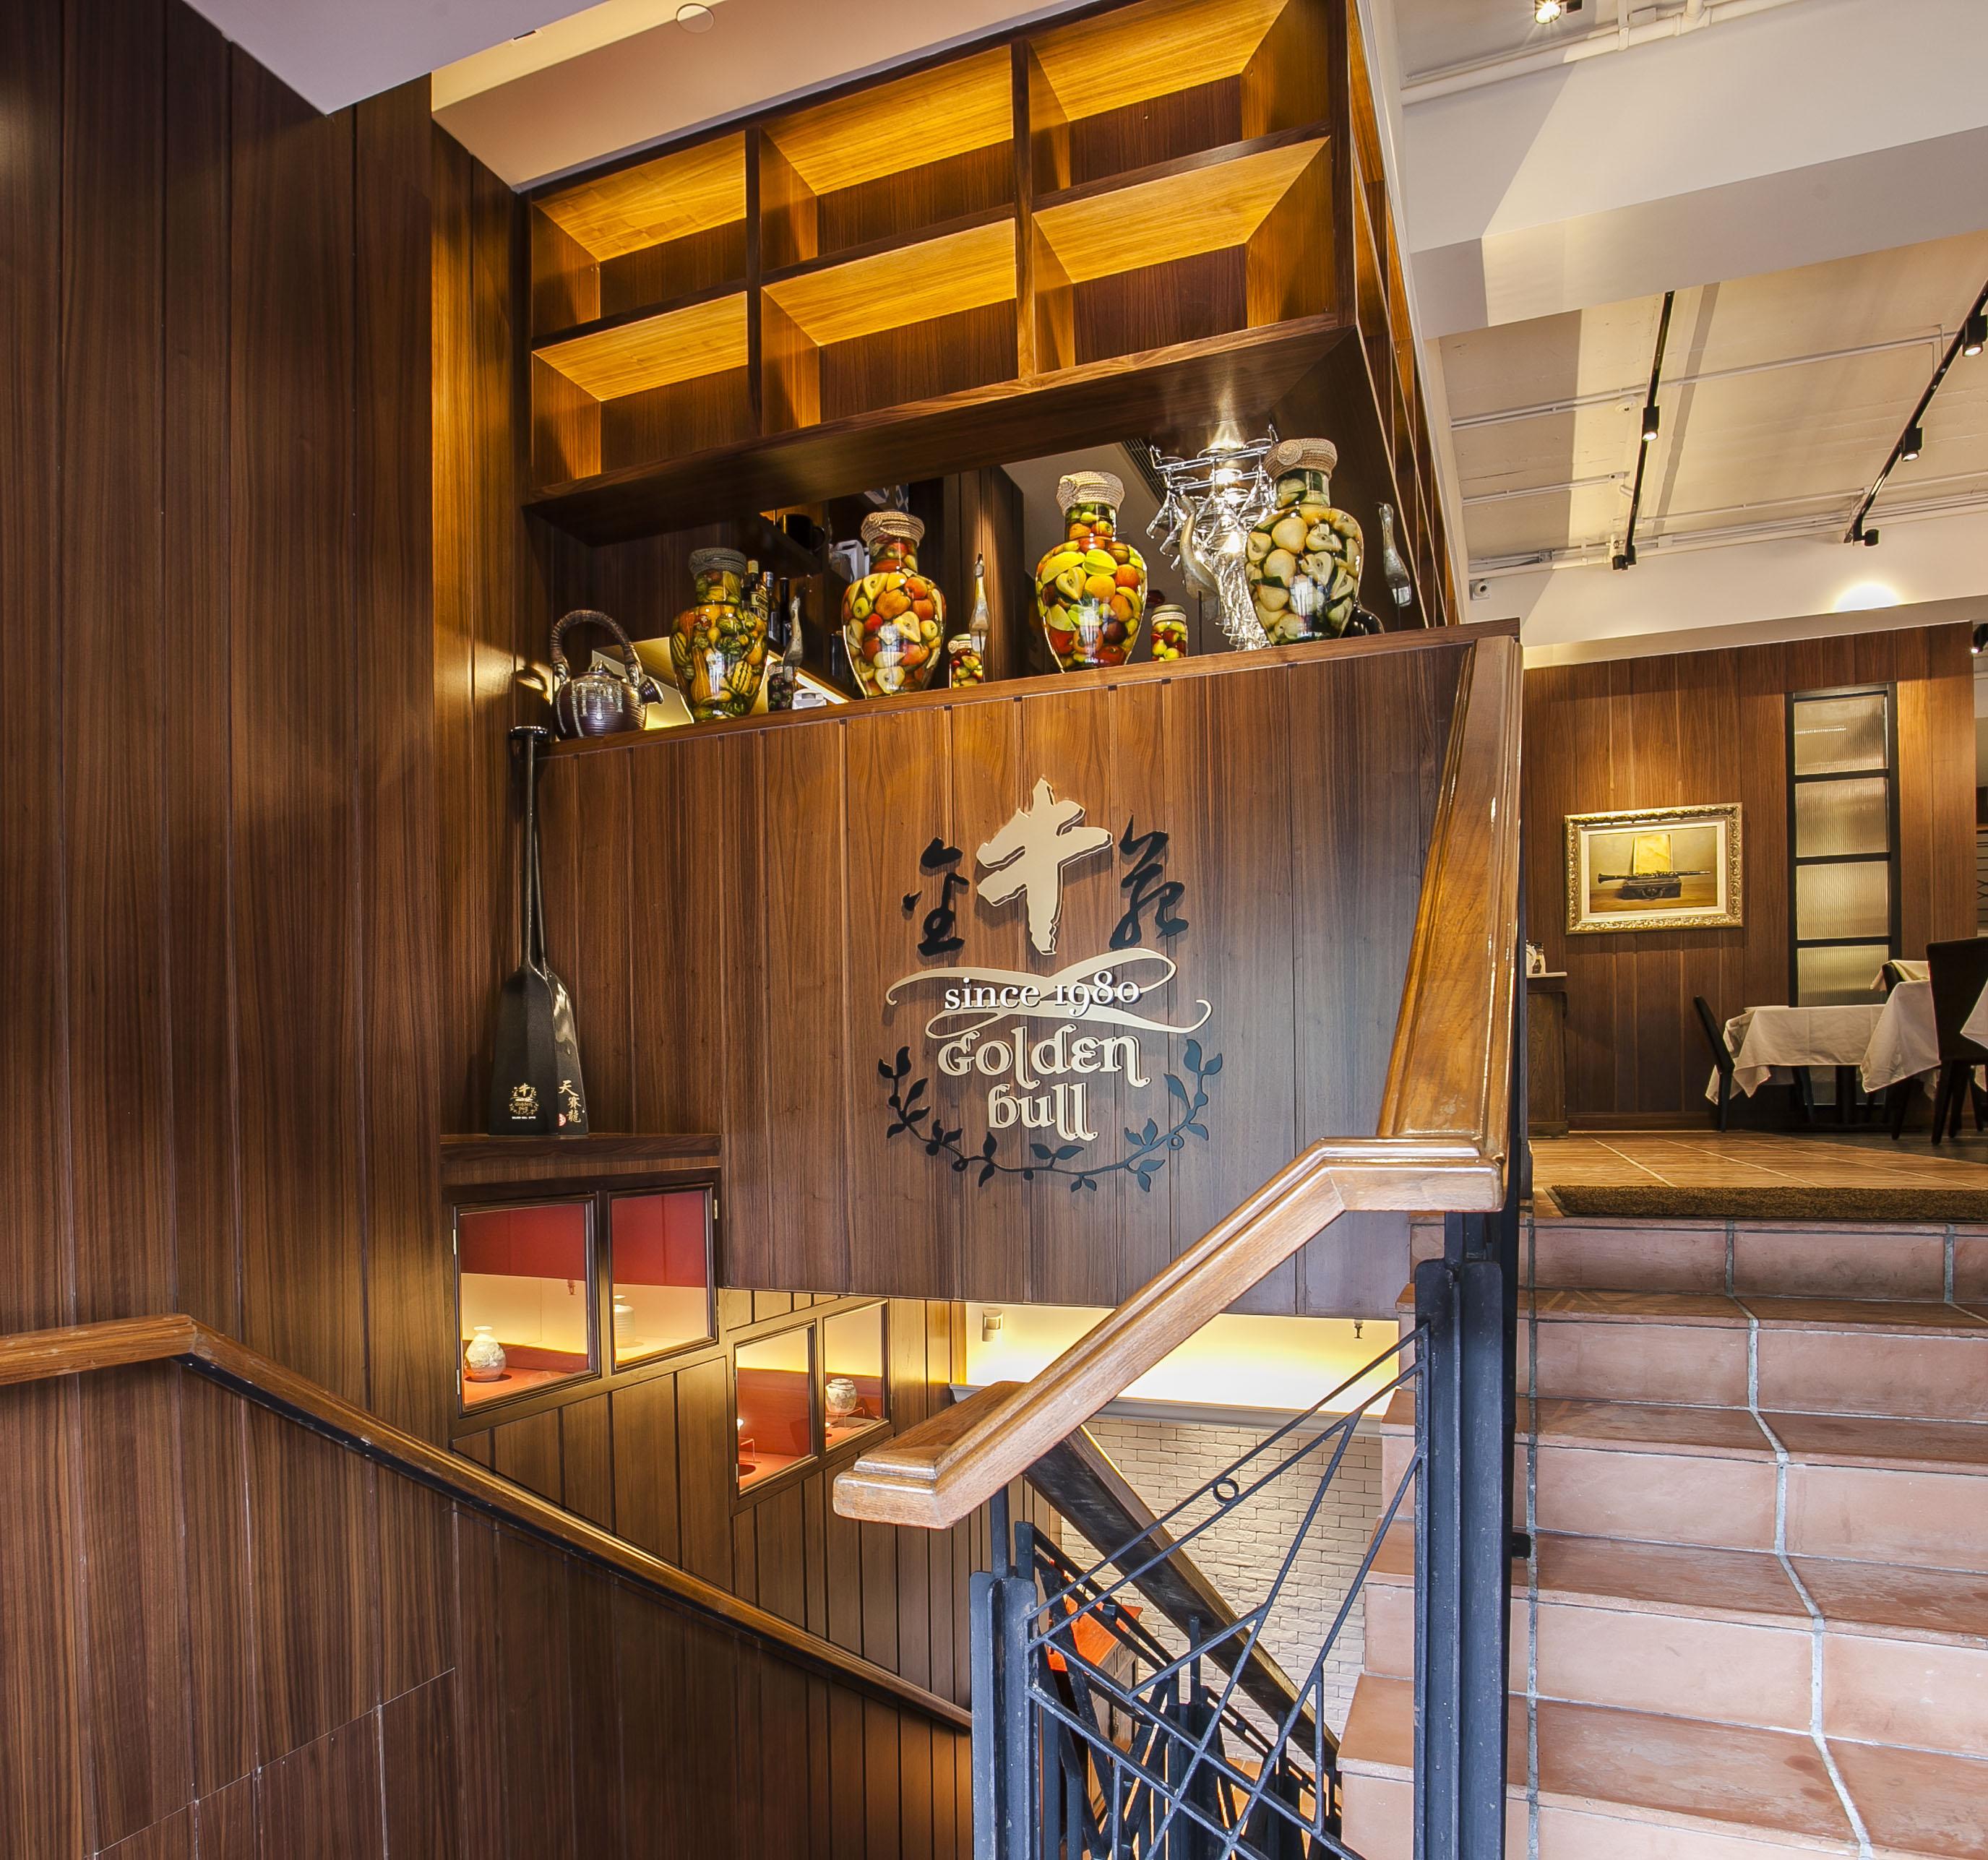 接待處 : 連接中下層的階梯